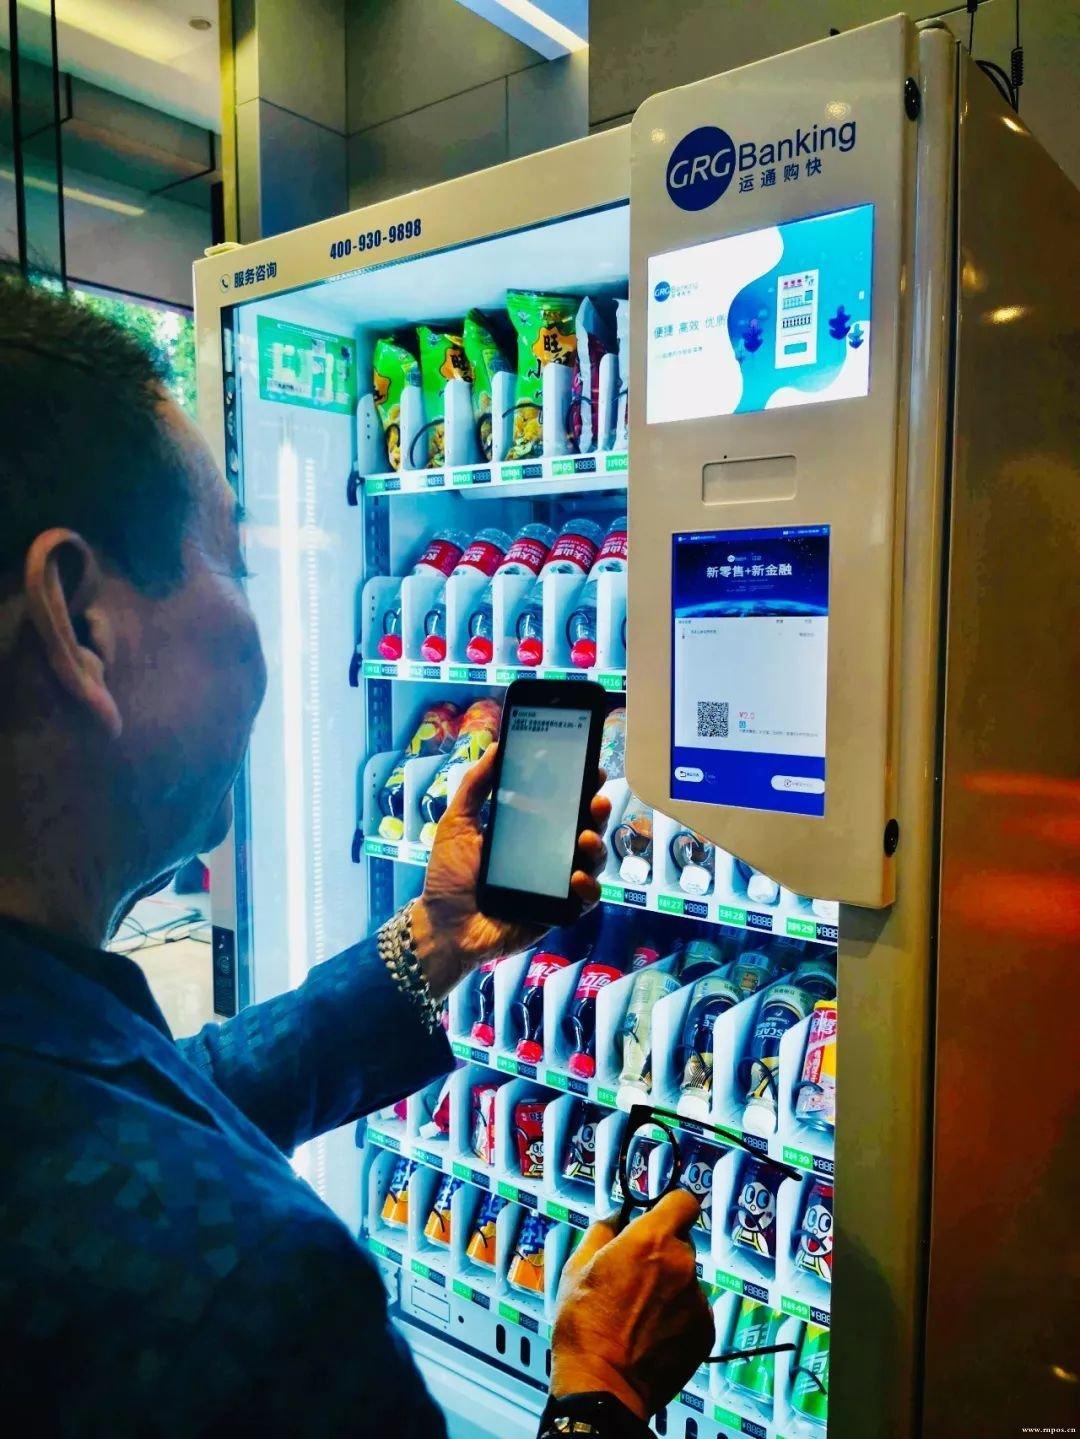 无需银行卡,境外游客在海南可开通微信支付内地钱包